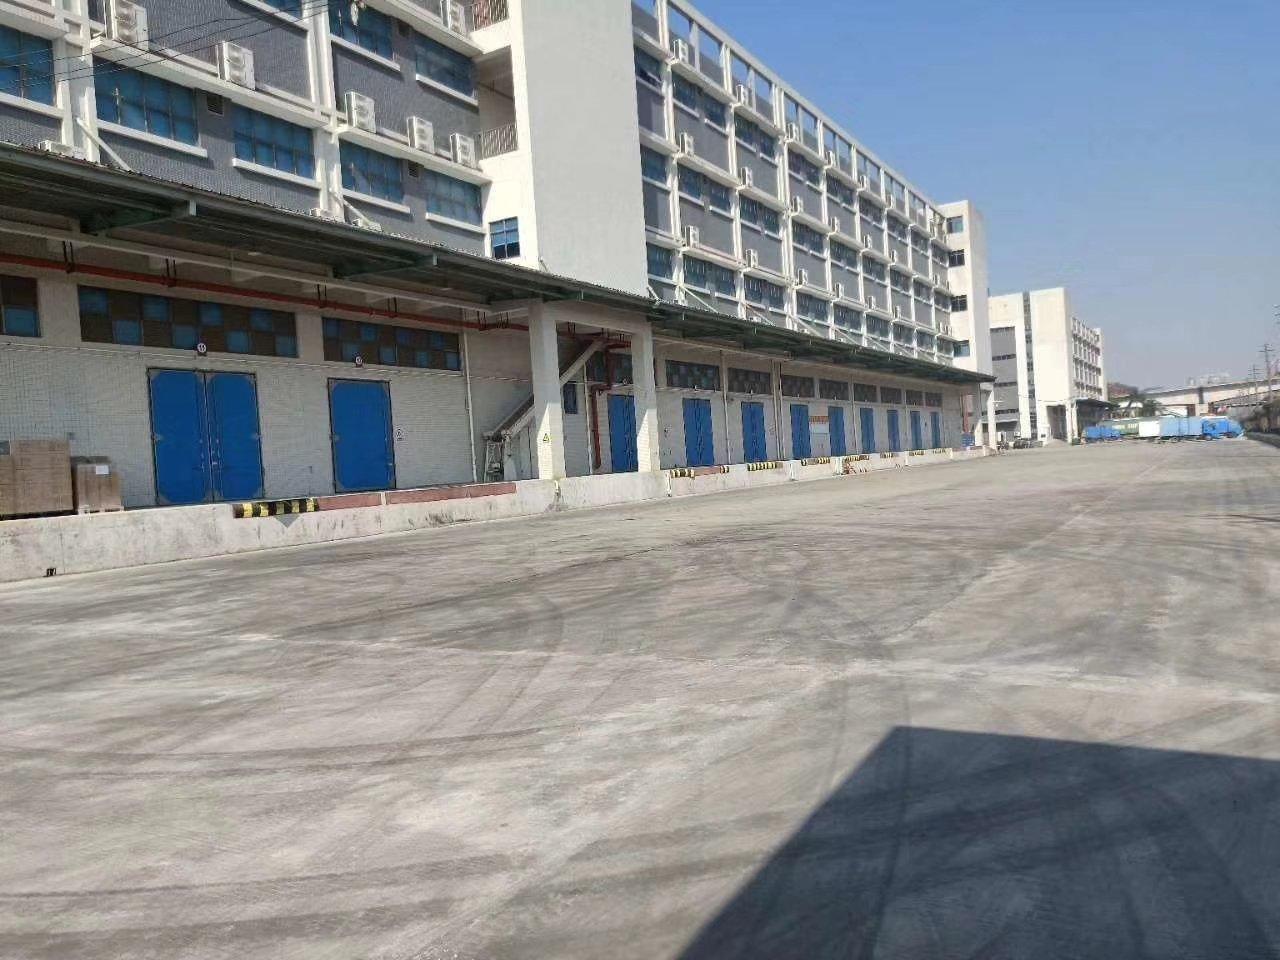 大鹏葵涌新出原房东红本6米高一楼5800平带卸货平台厂房出租